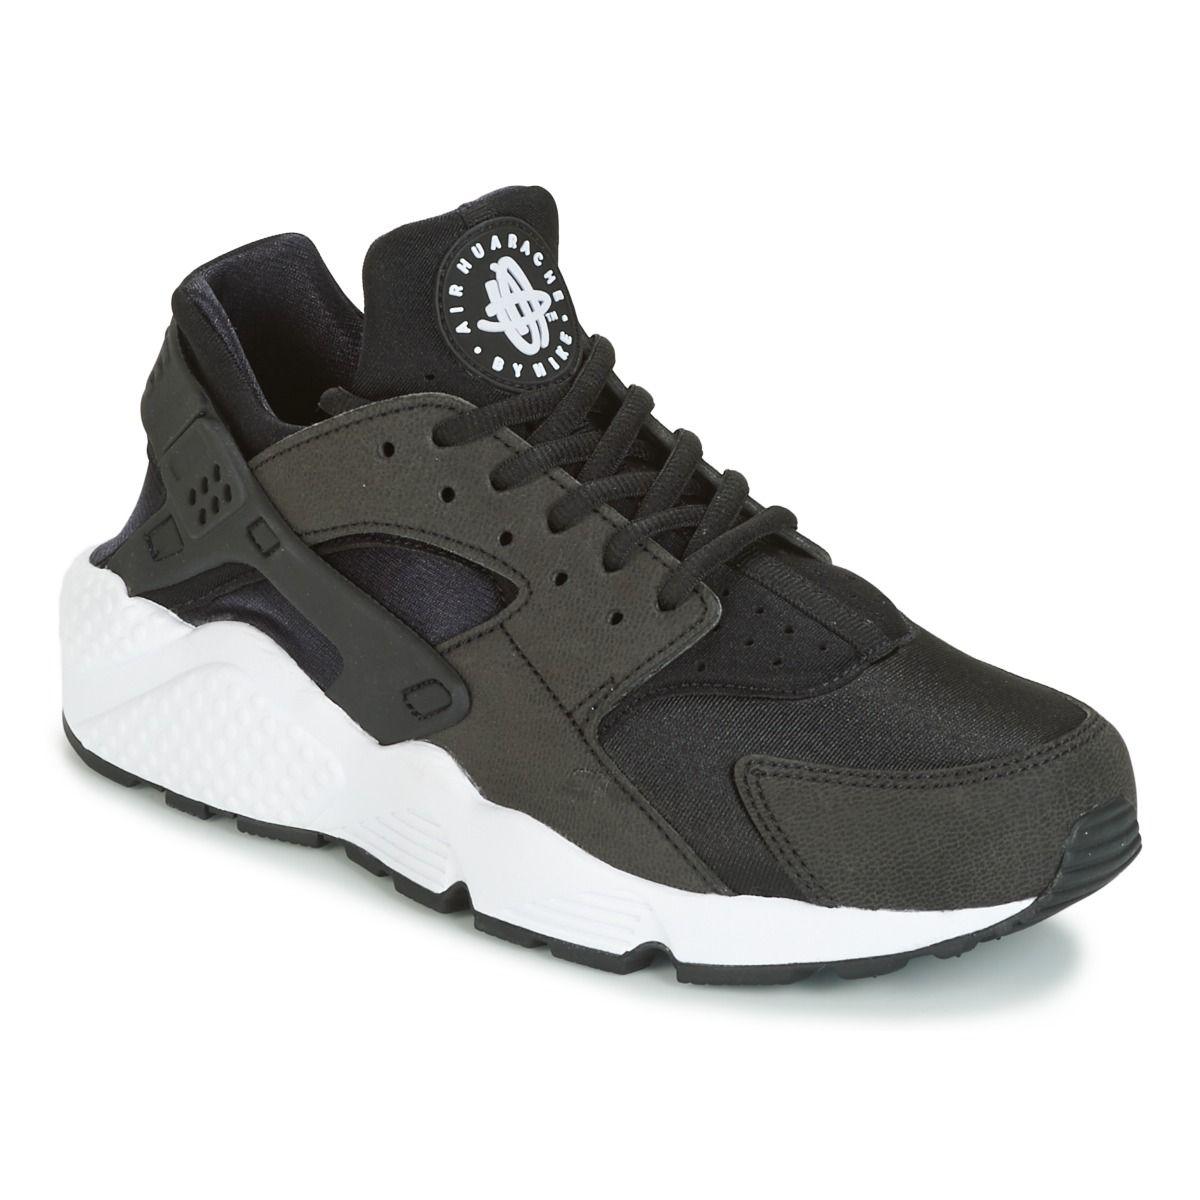 newest ccabd 8d1cb Nike AIR HUARACHE RUN W Noir